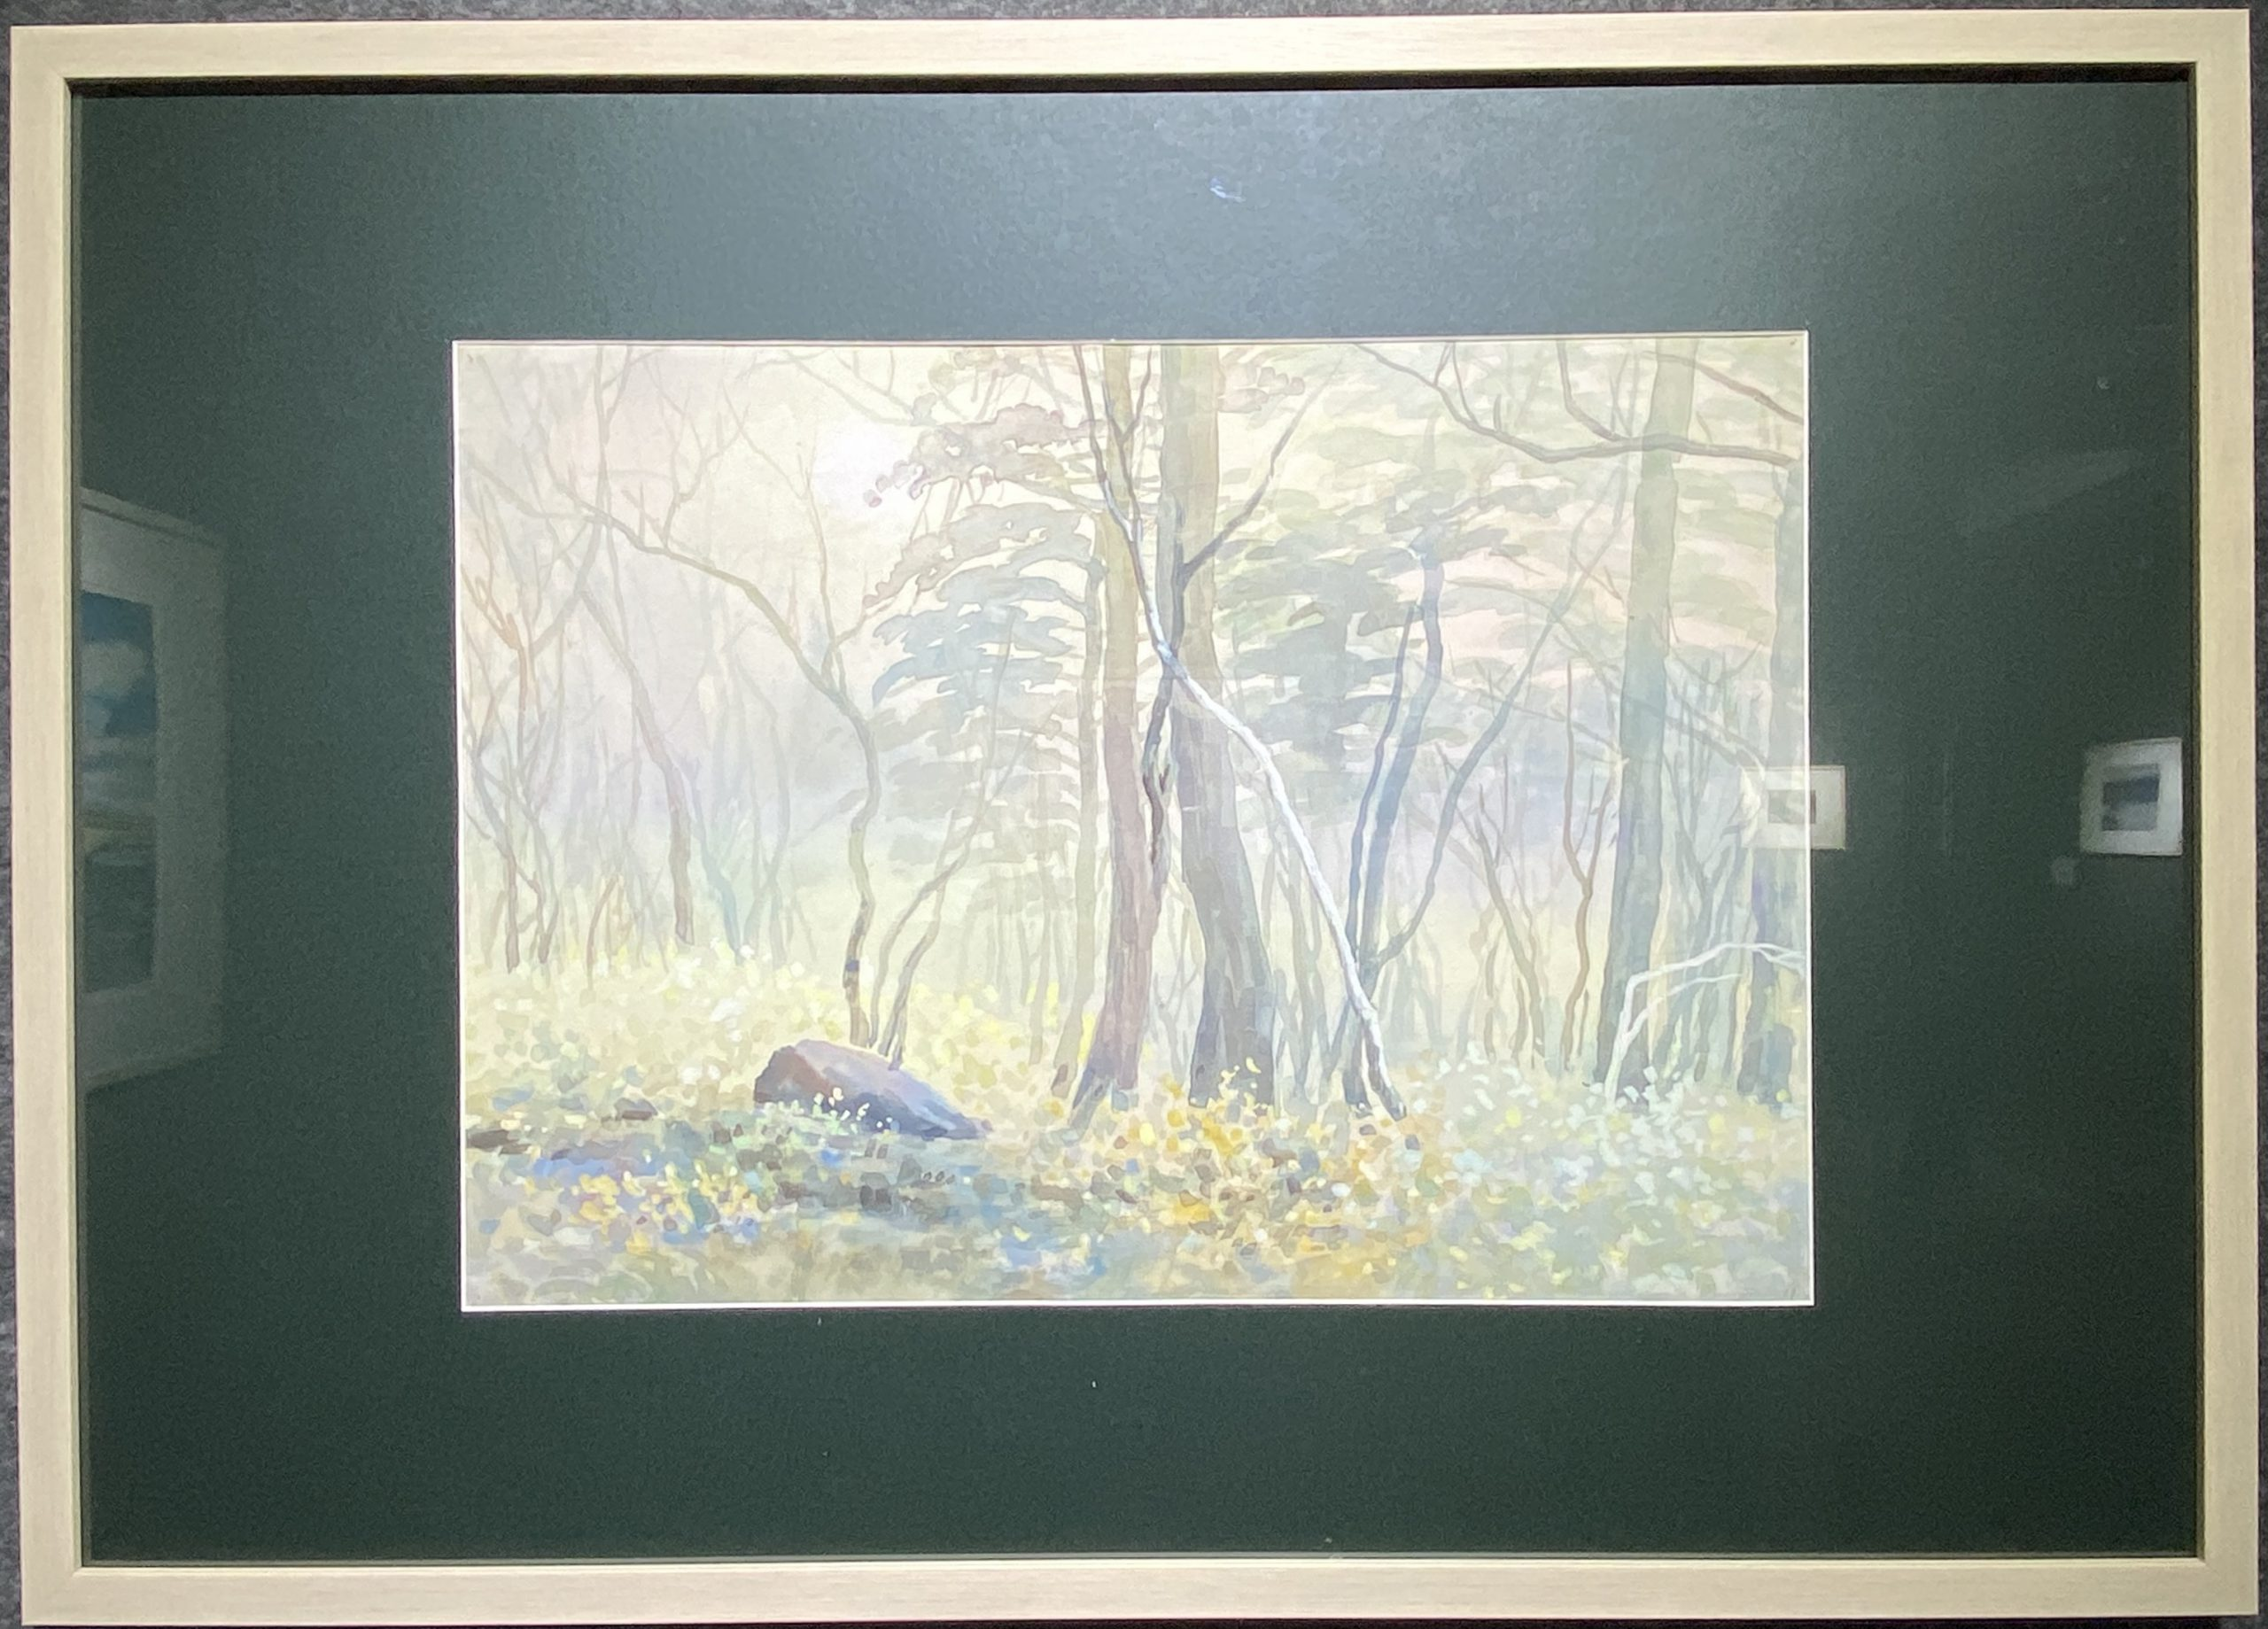 秋林の朝-1984-水彩画-39×54cm-「丹青を振りかけ、詩情を送る-何継篤個人書画展」成都市美術館